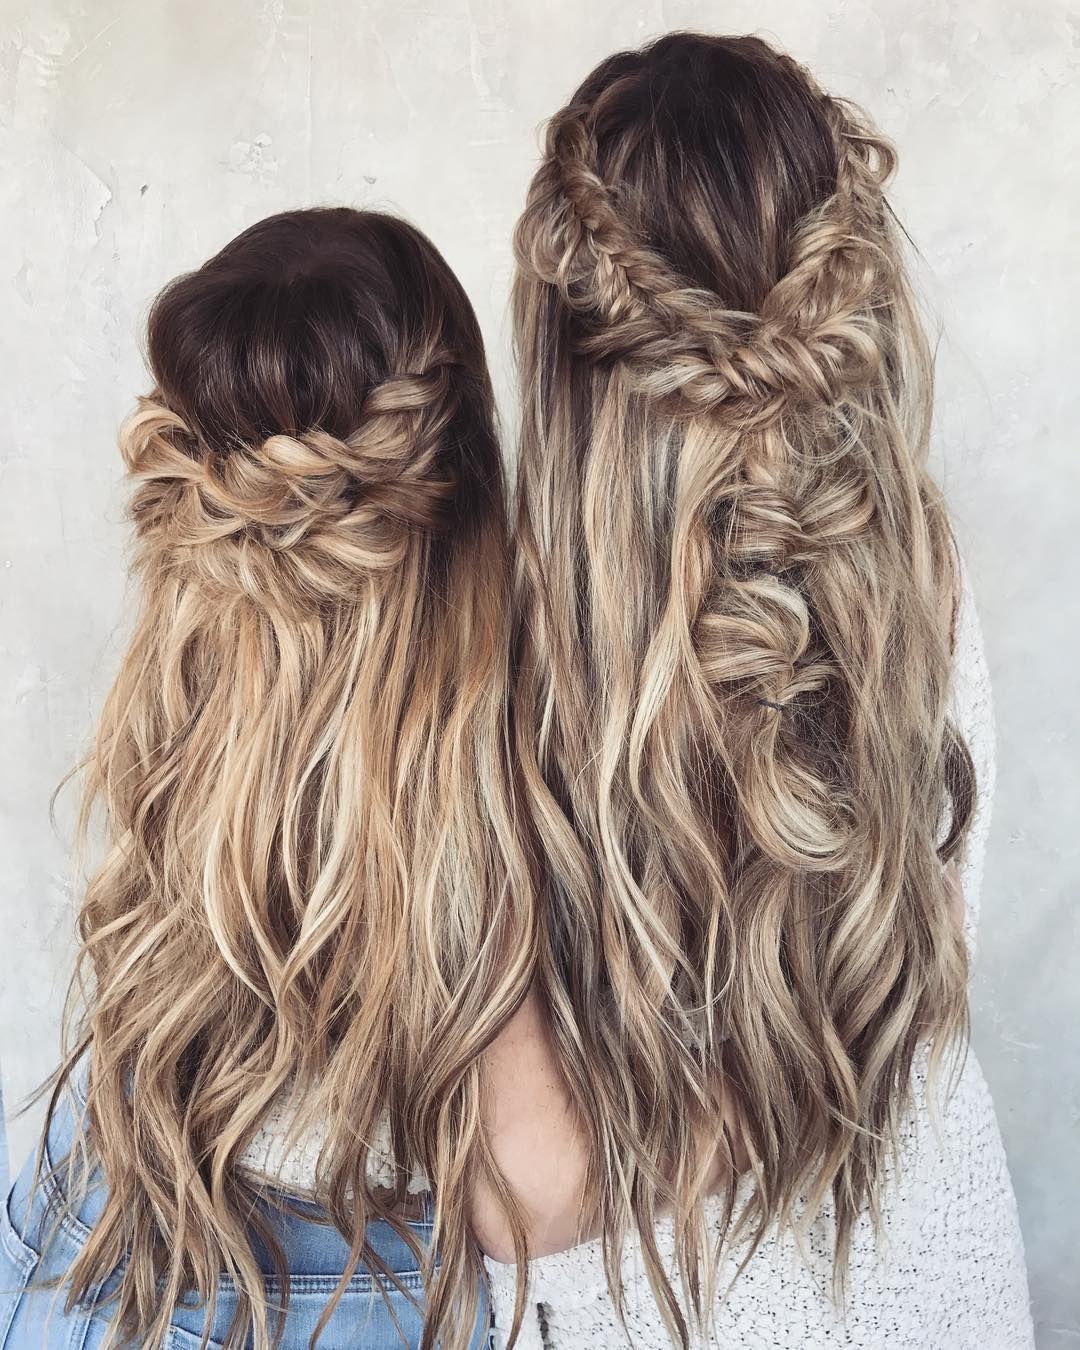 10 chaotisch geflochten lange Frisur Ideen für Hochzeiten und Urlaub #WomensHairstylesLongDark